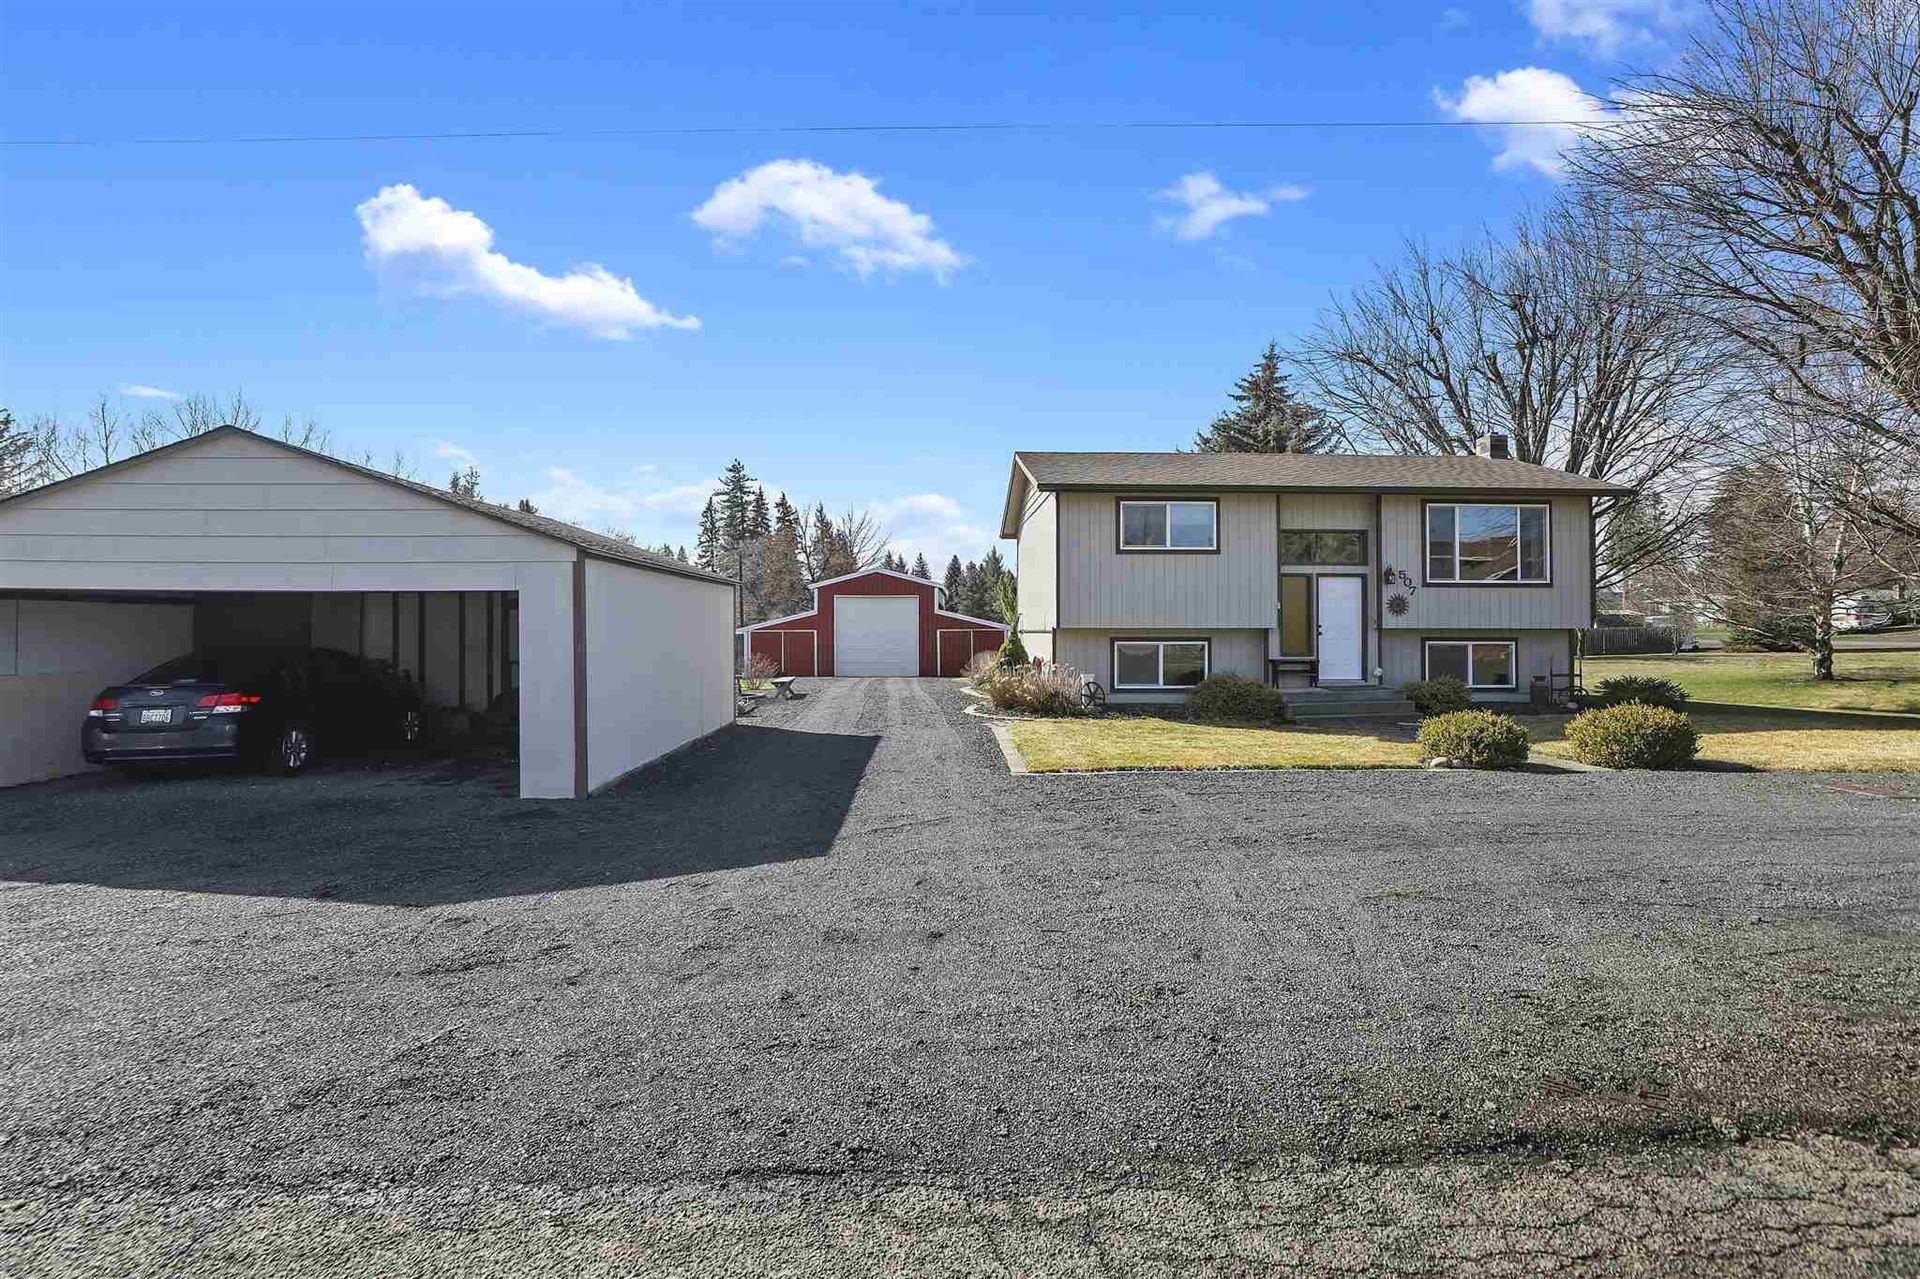 507 W Bartlett St, Oakesdale, WA 99158 - #: 202113250